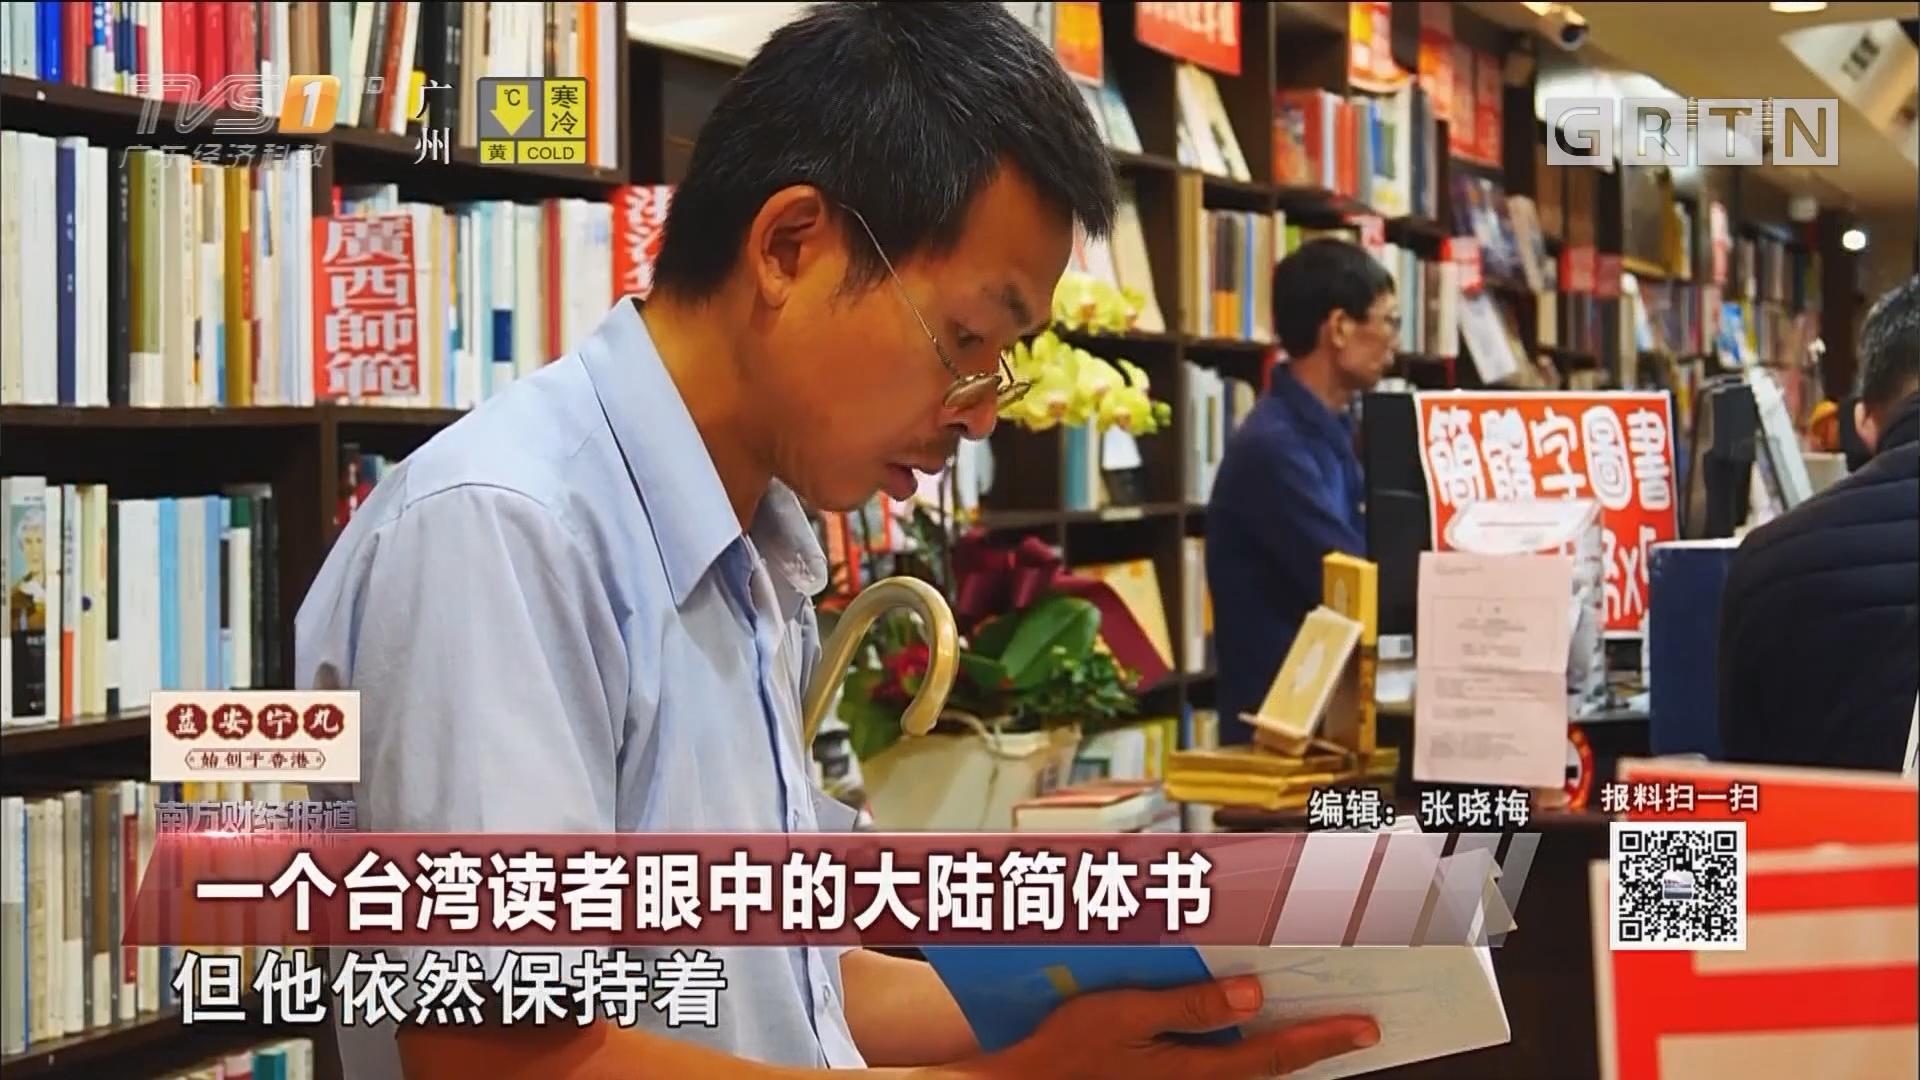 一个台湾读者眼中的大陆简体书